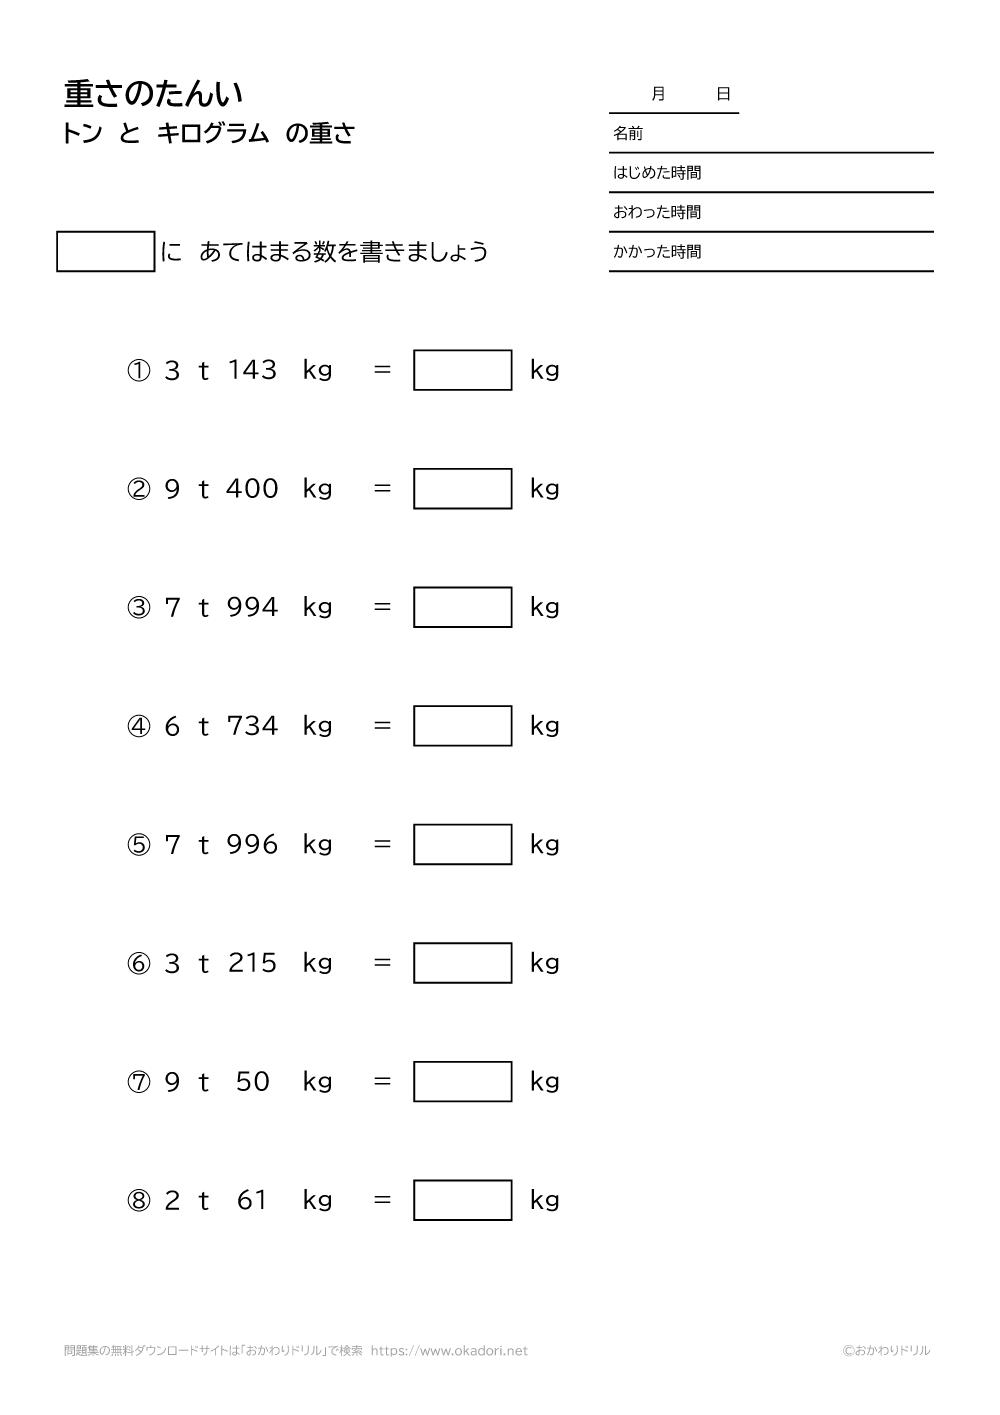 トンとキログラムの重さの単位-2-5